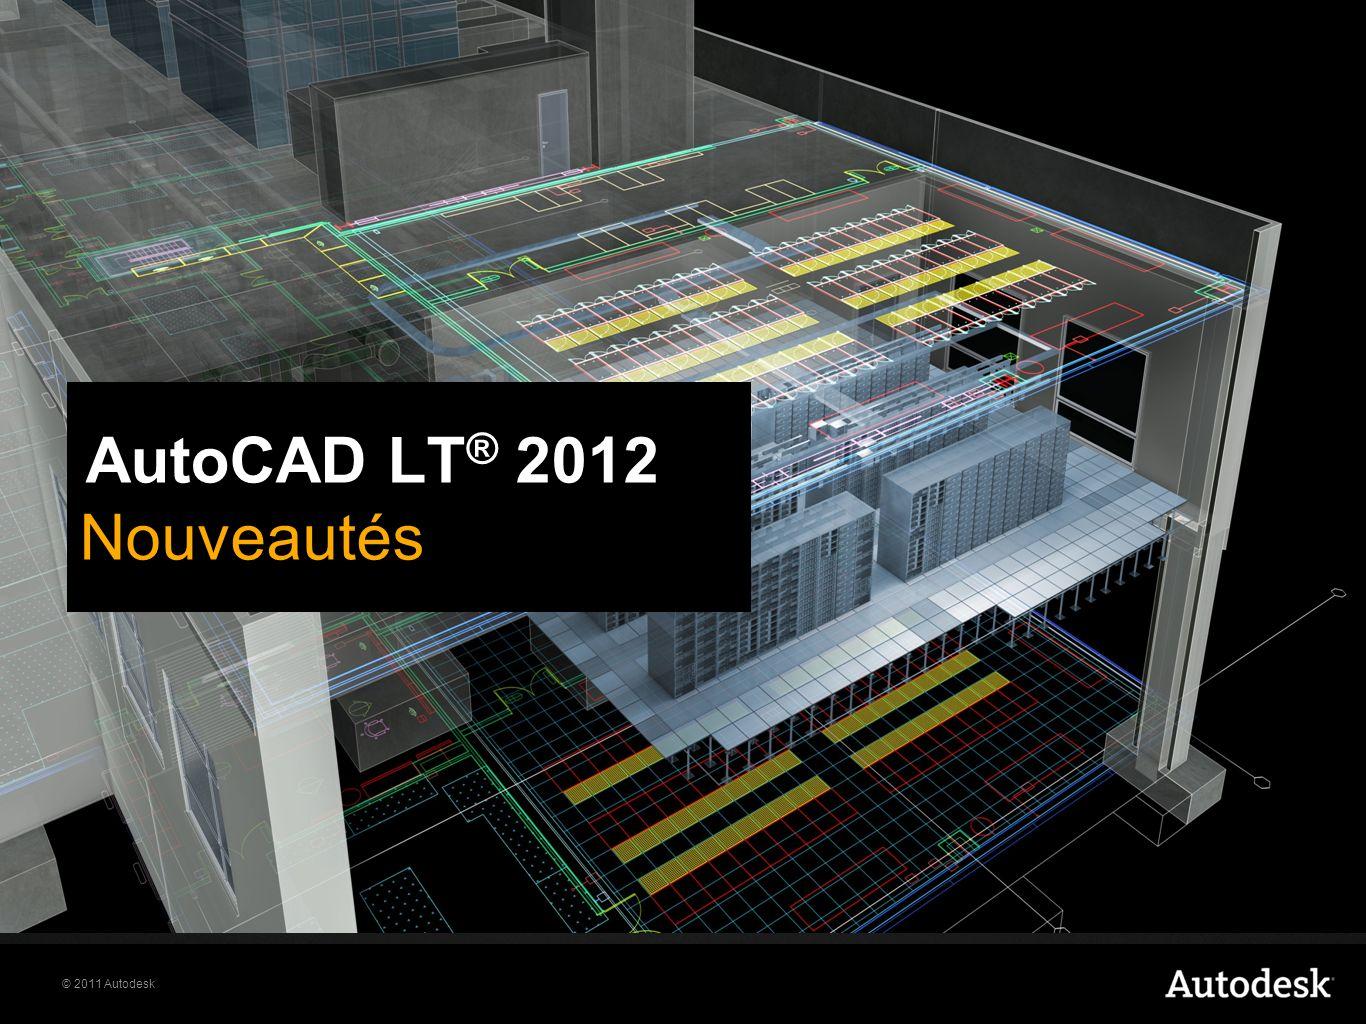 © 2011 Autodesk AutoCAD LT ® 2012 Nouveautés